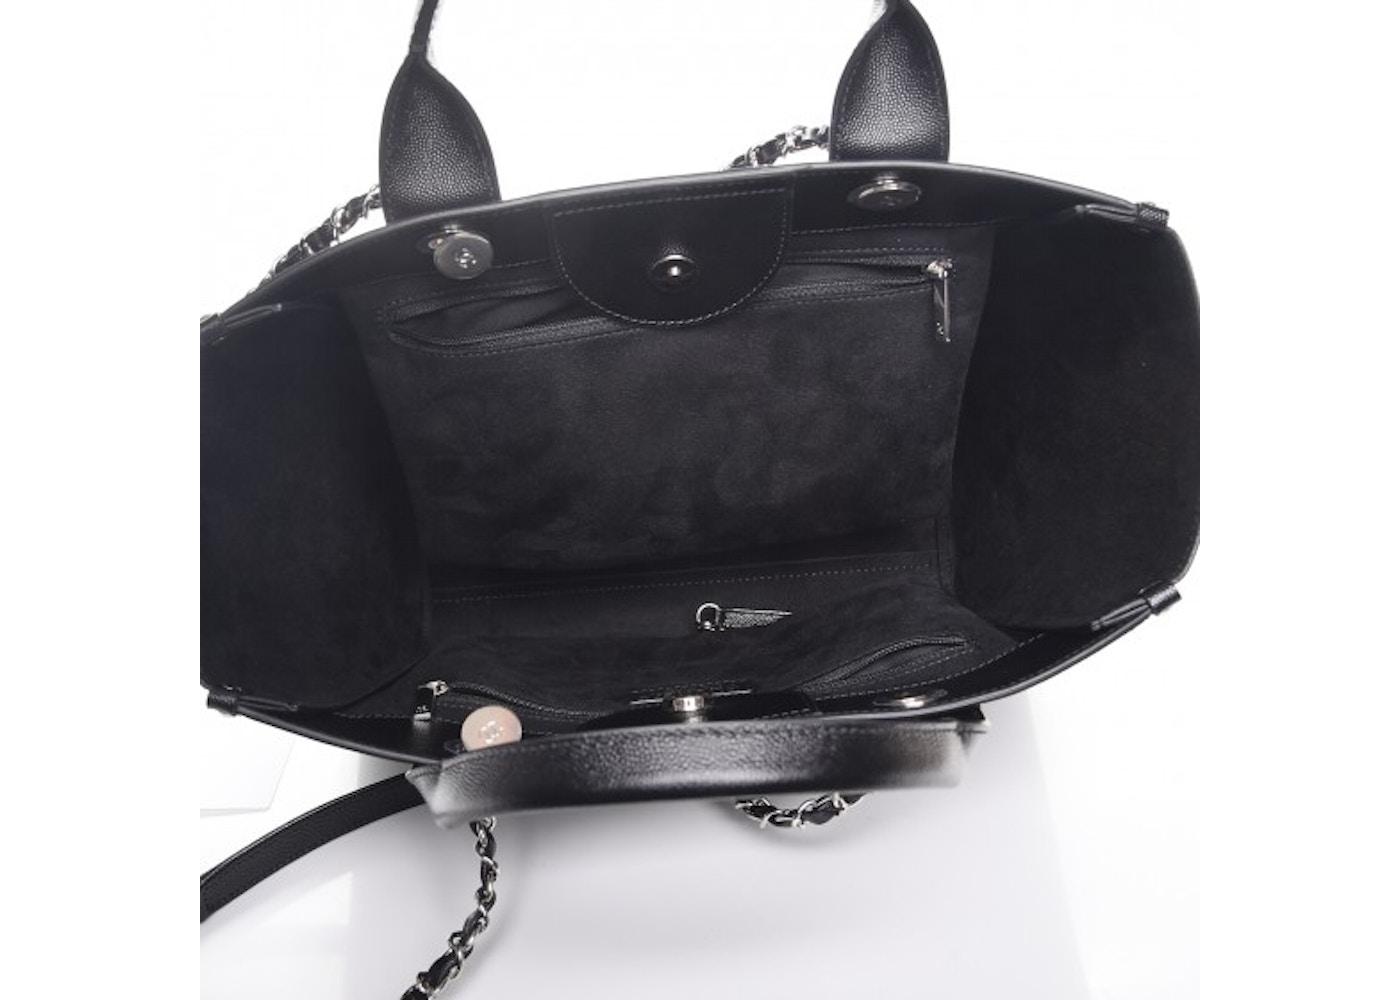 19e5f92263a9 Chanel Deauville Tote Studded Small Black